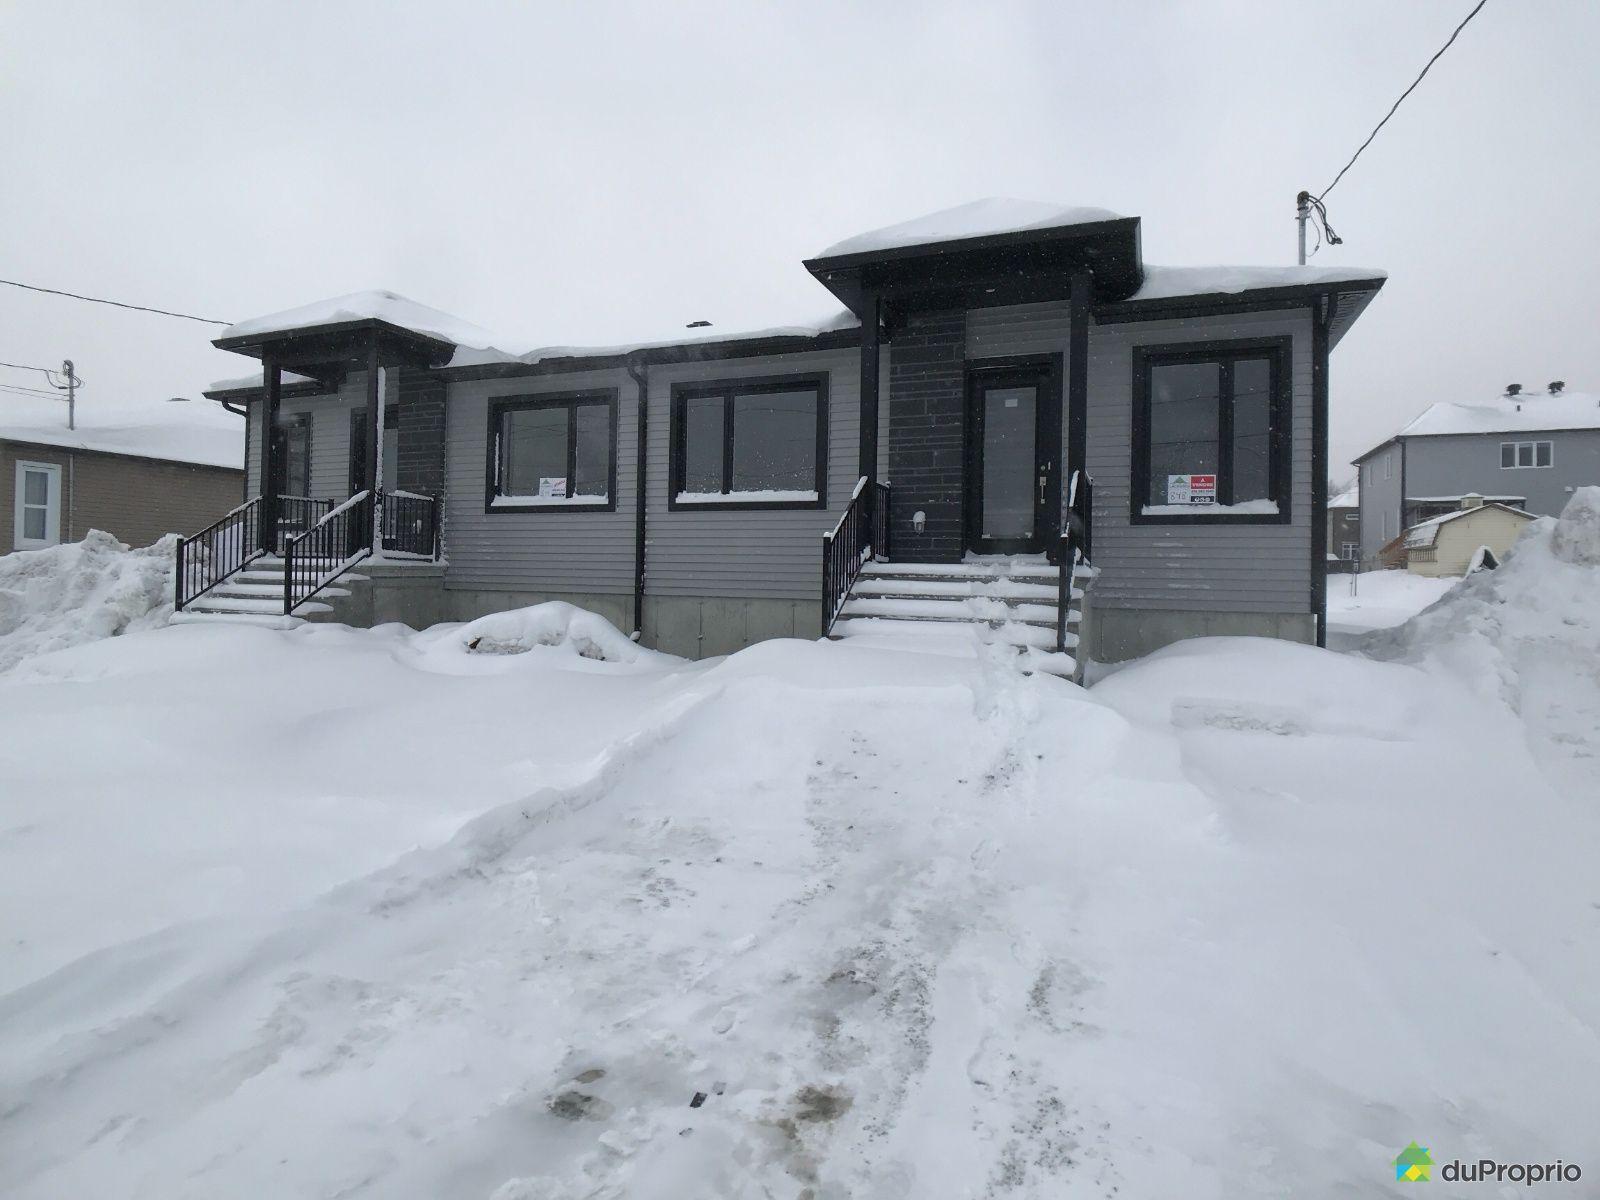 848 rue d'Hochelaga - Modèle Brossard 2 - Cité de la Tour- Par Les Entreprises Lachance, Sherbrooke (Rock Forest) for sale